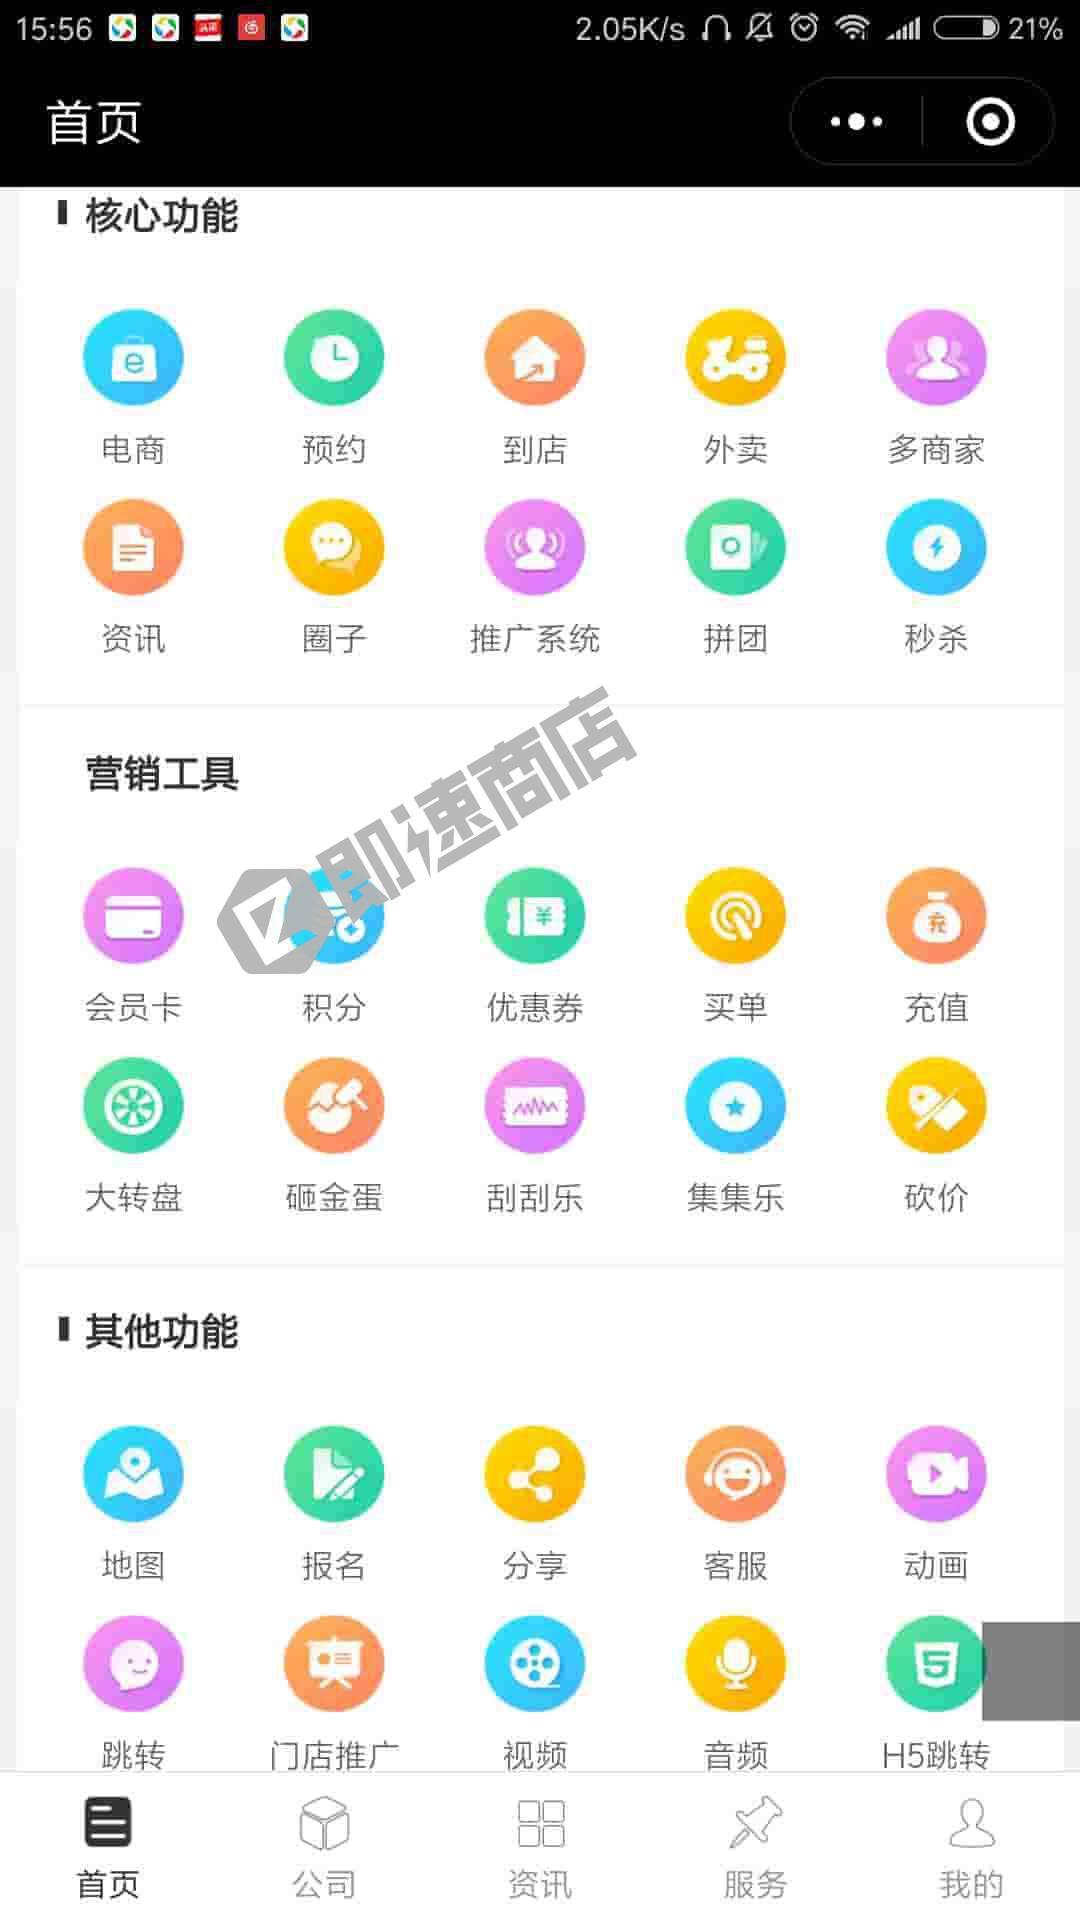 锅SIR时尚火锅小程序列表页截图